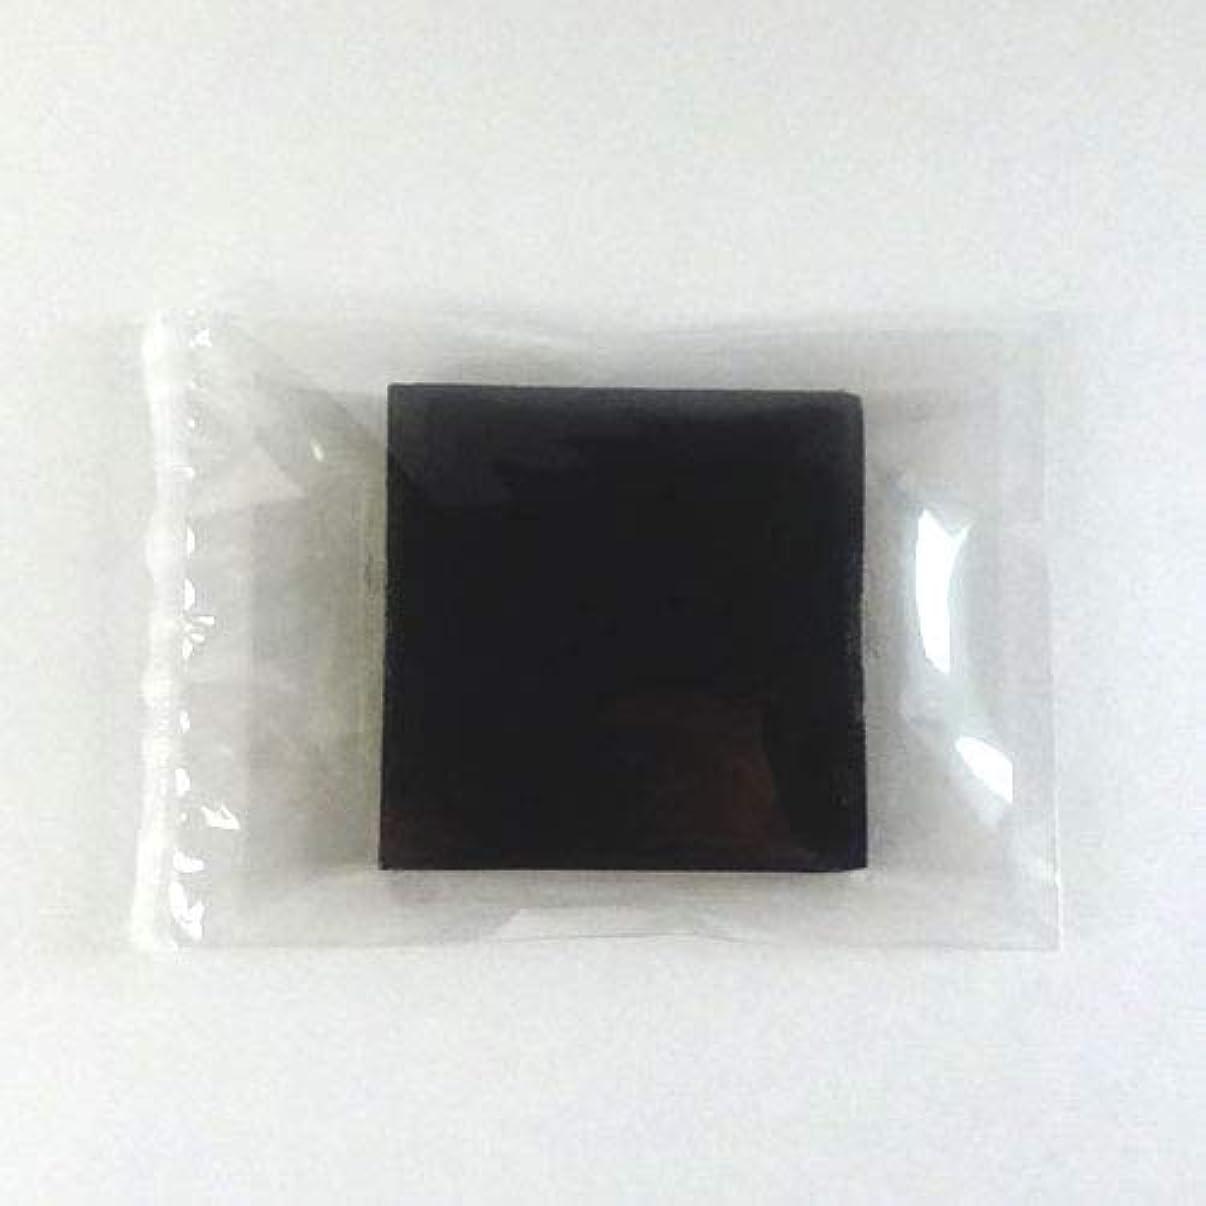 脈拍光沢のある歴史的グリセリンソープ MPソープ 色チップ 黒(ブラック) 30g